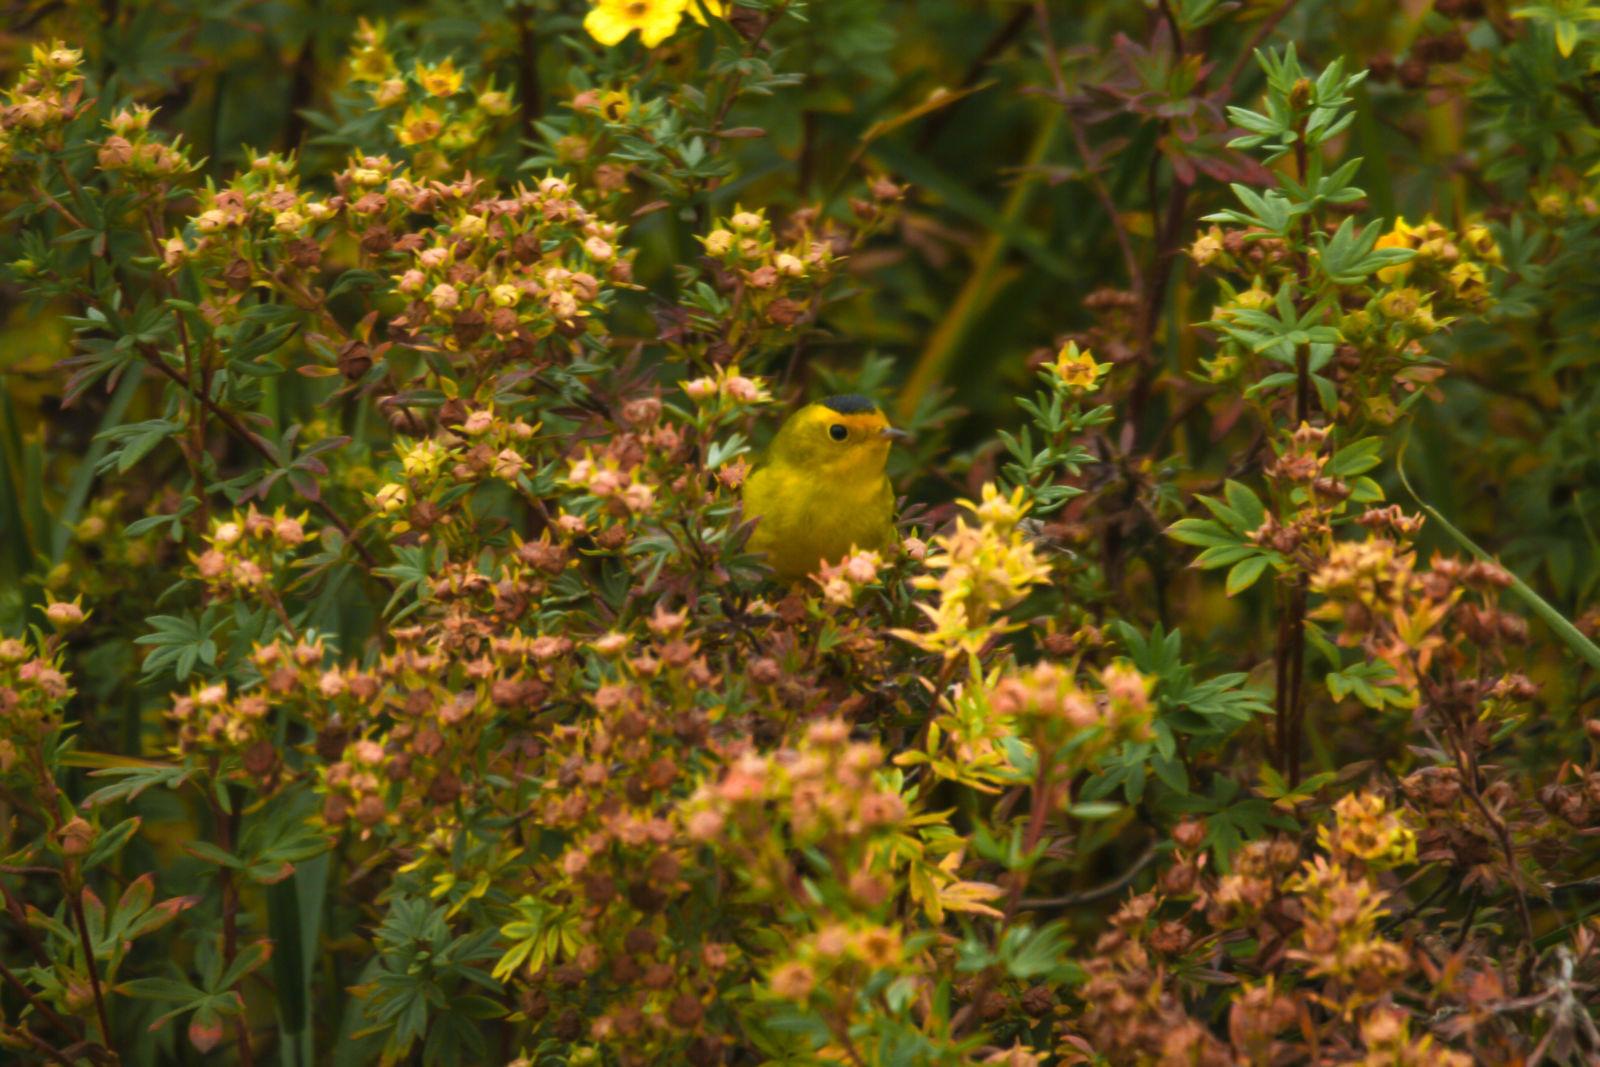 Yellow Warbler, near Salmon Lake